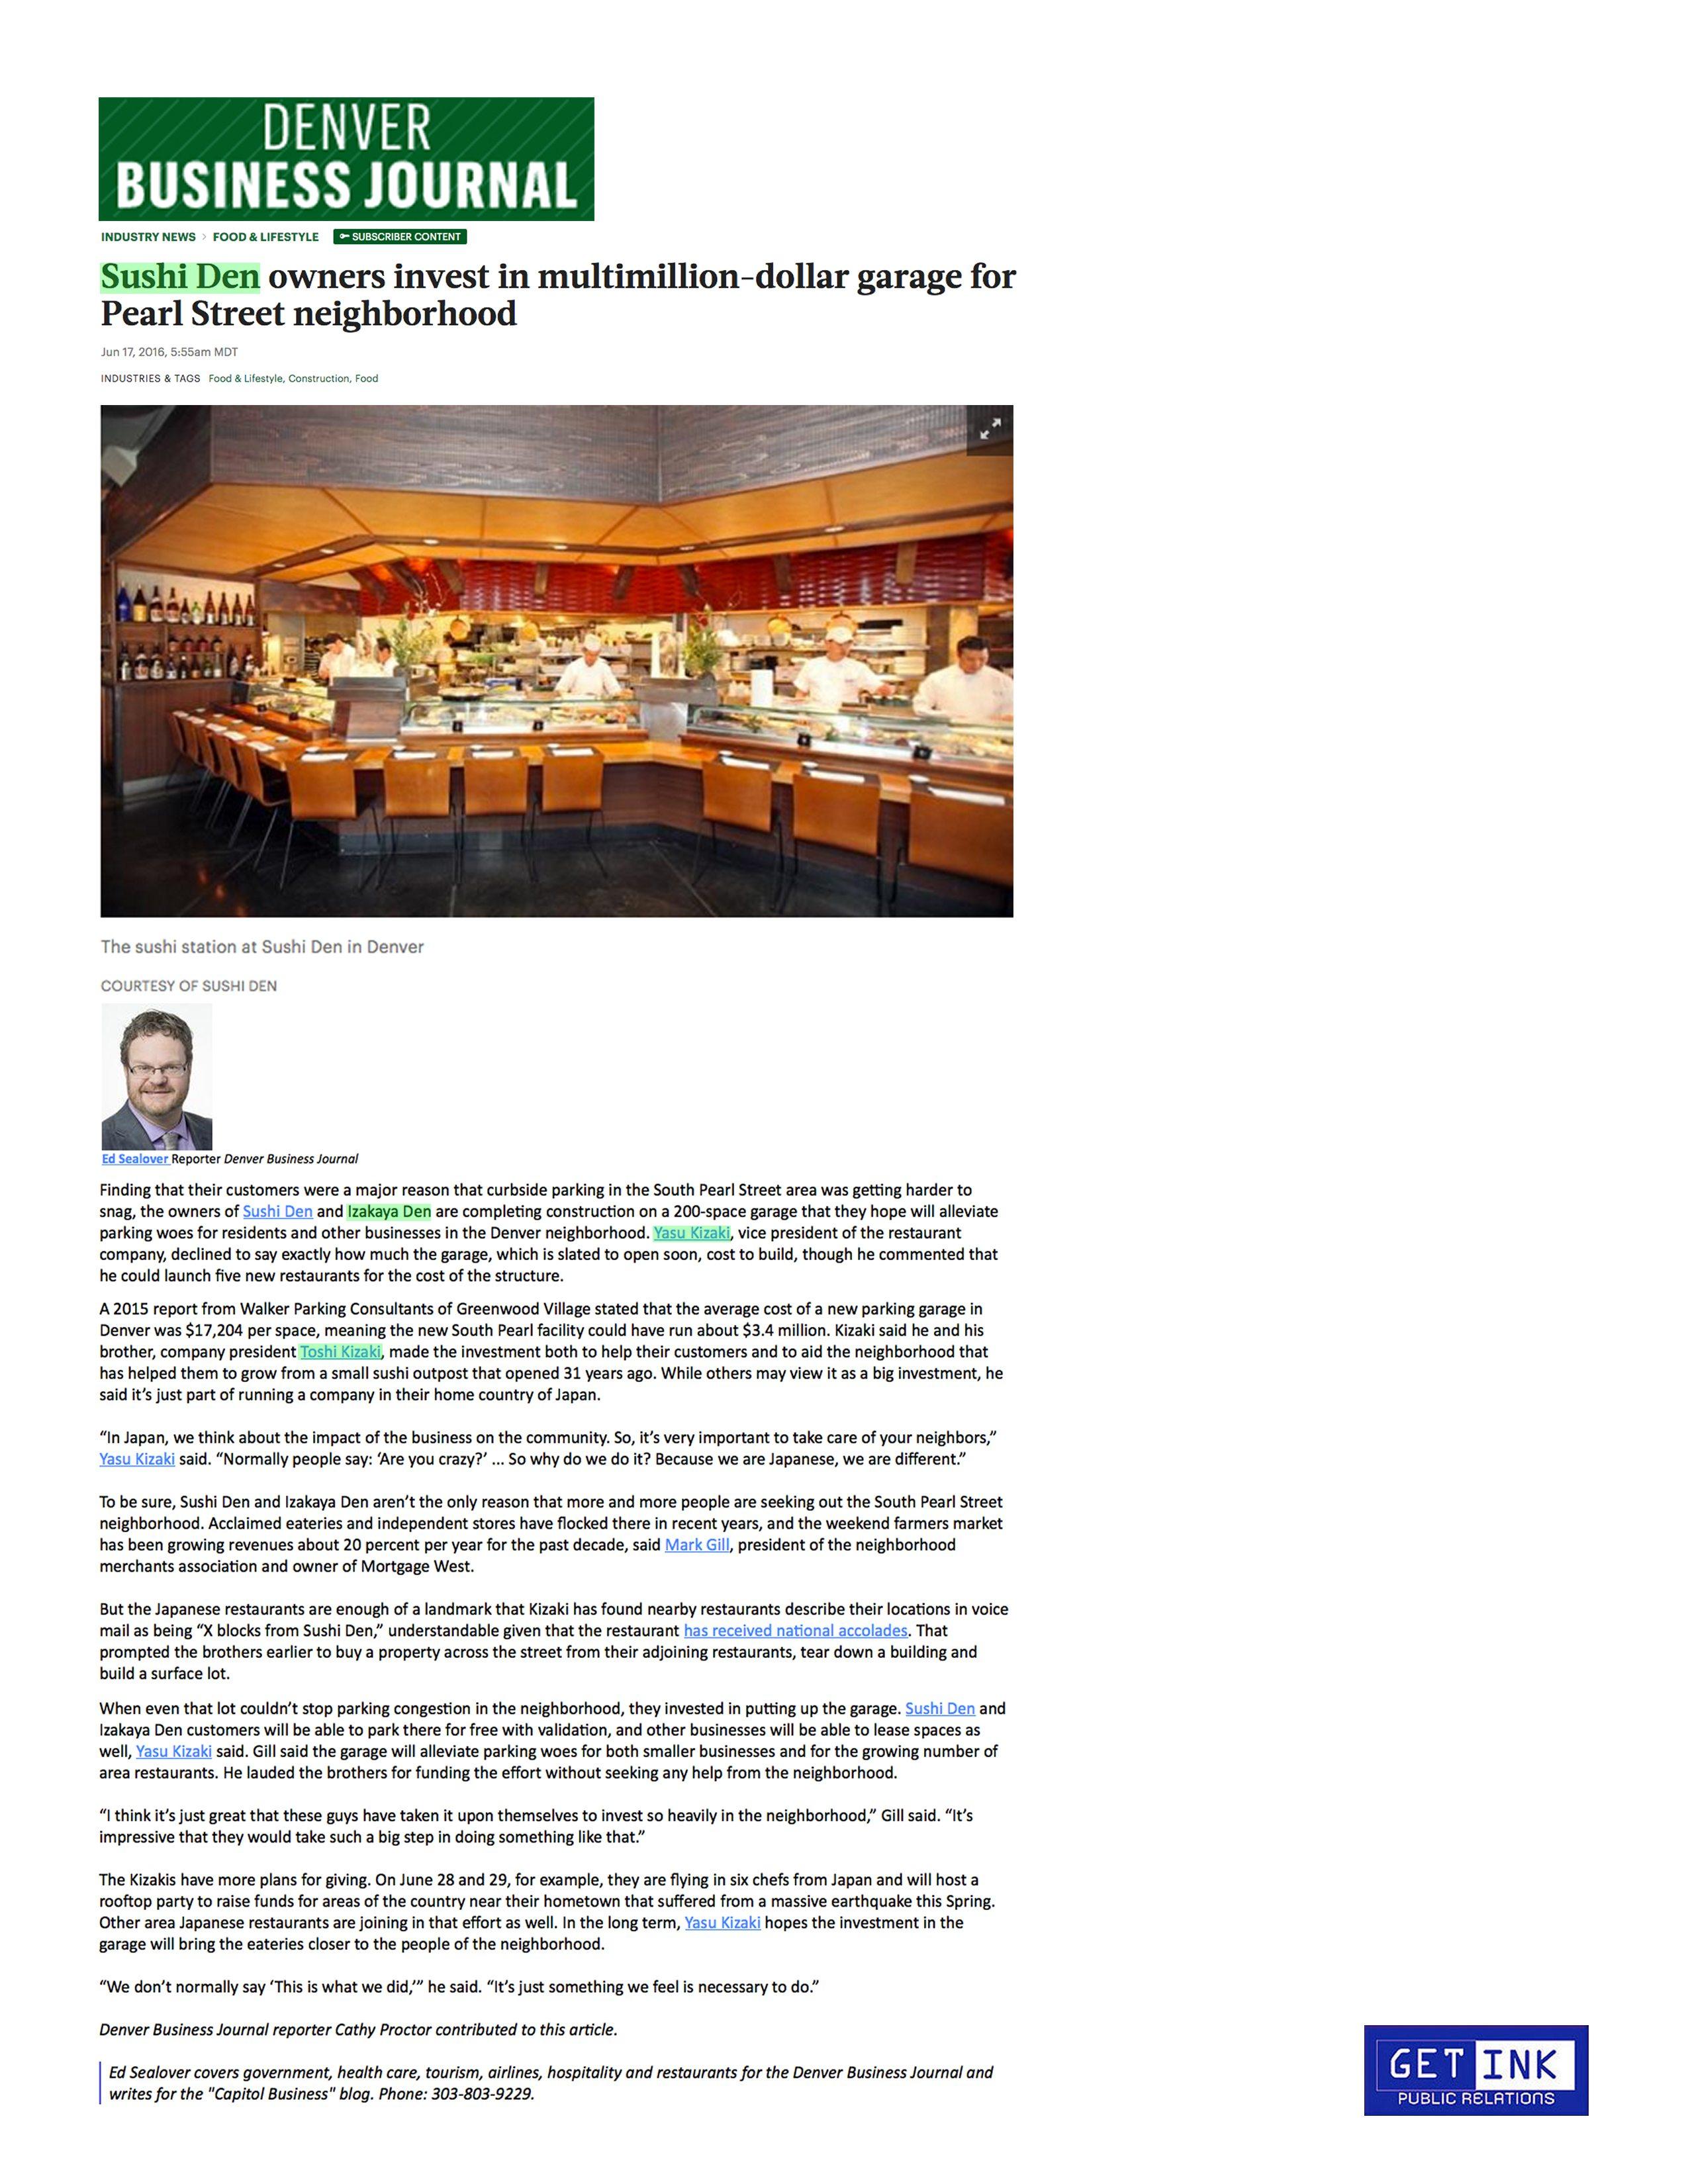 Sushi Den Denver Rooftop Summer Party Denver Business Journal - Get Ink PR